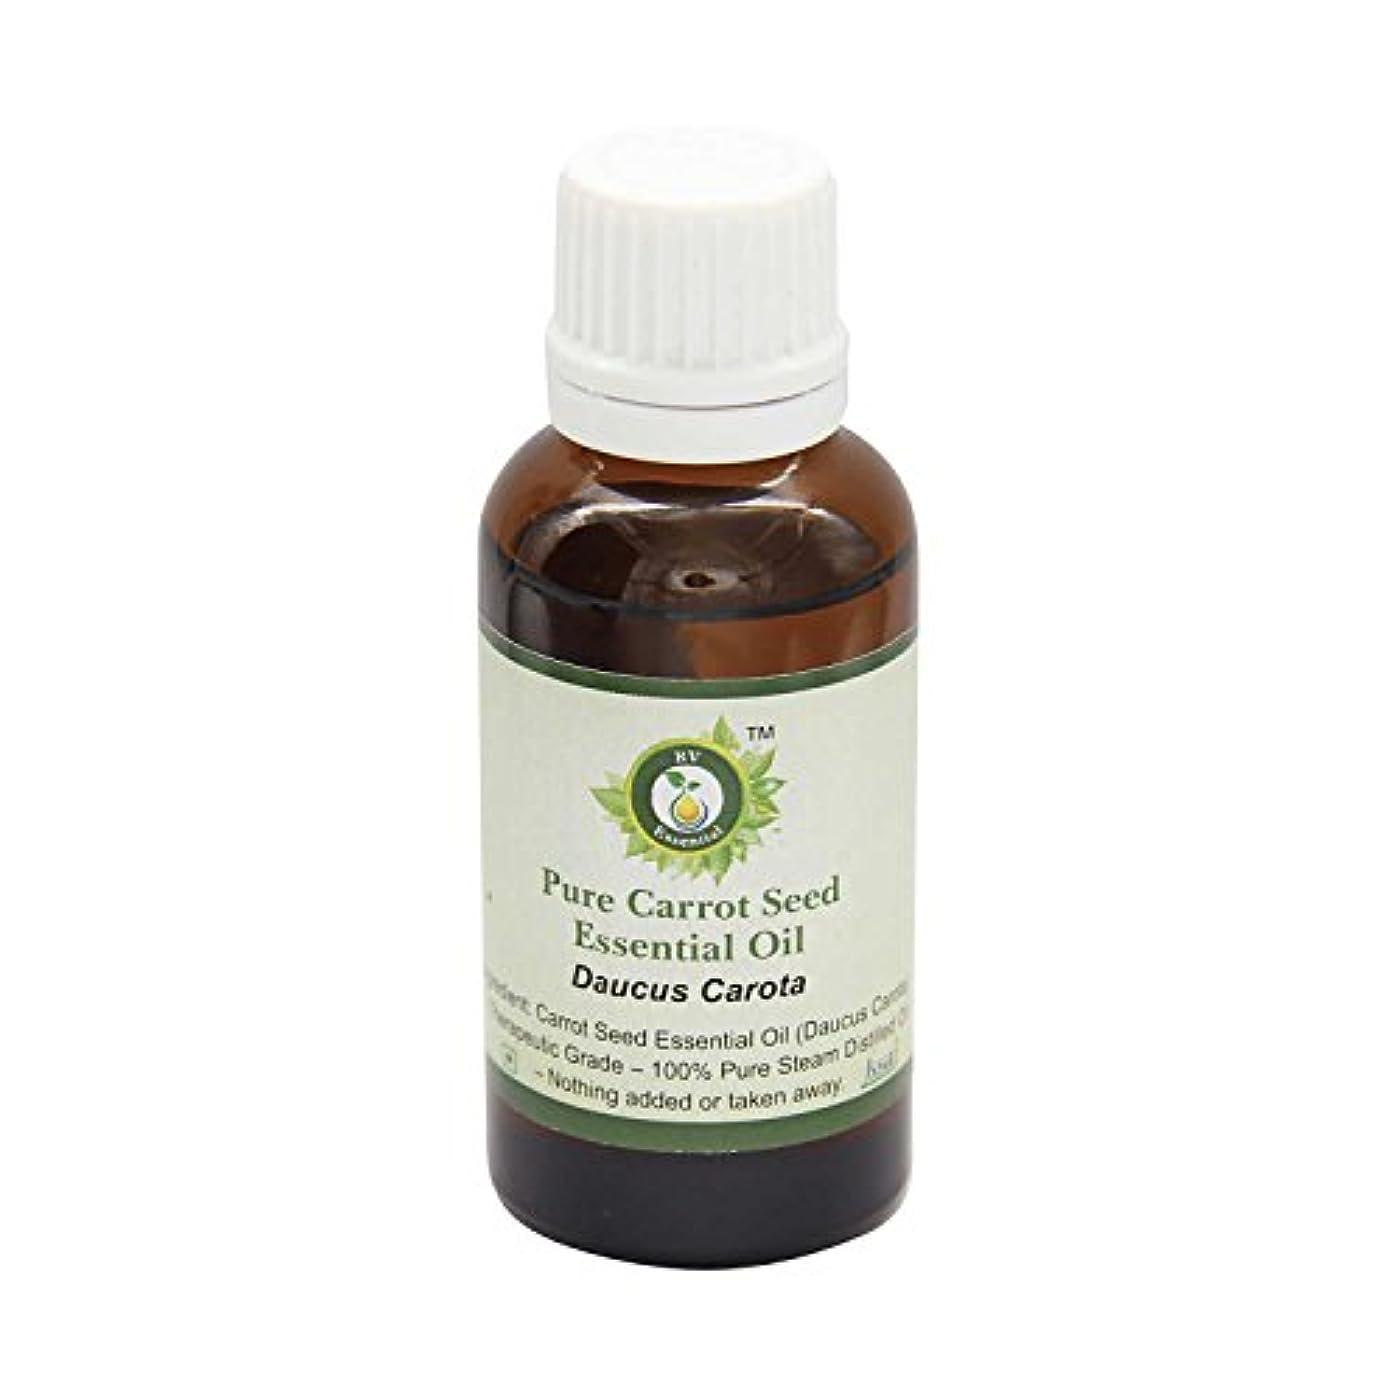 資格情報ライラック遺伝的R V Essential ピュアキャロットシードエッセンシャルオイル30ml (1.01oz)- Daucus Carota (100%純粋&天然スチームDistilled) Pure Carrot Seed Essential...